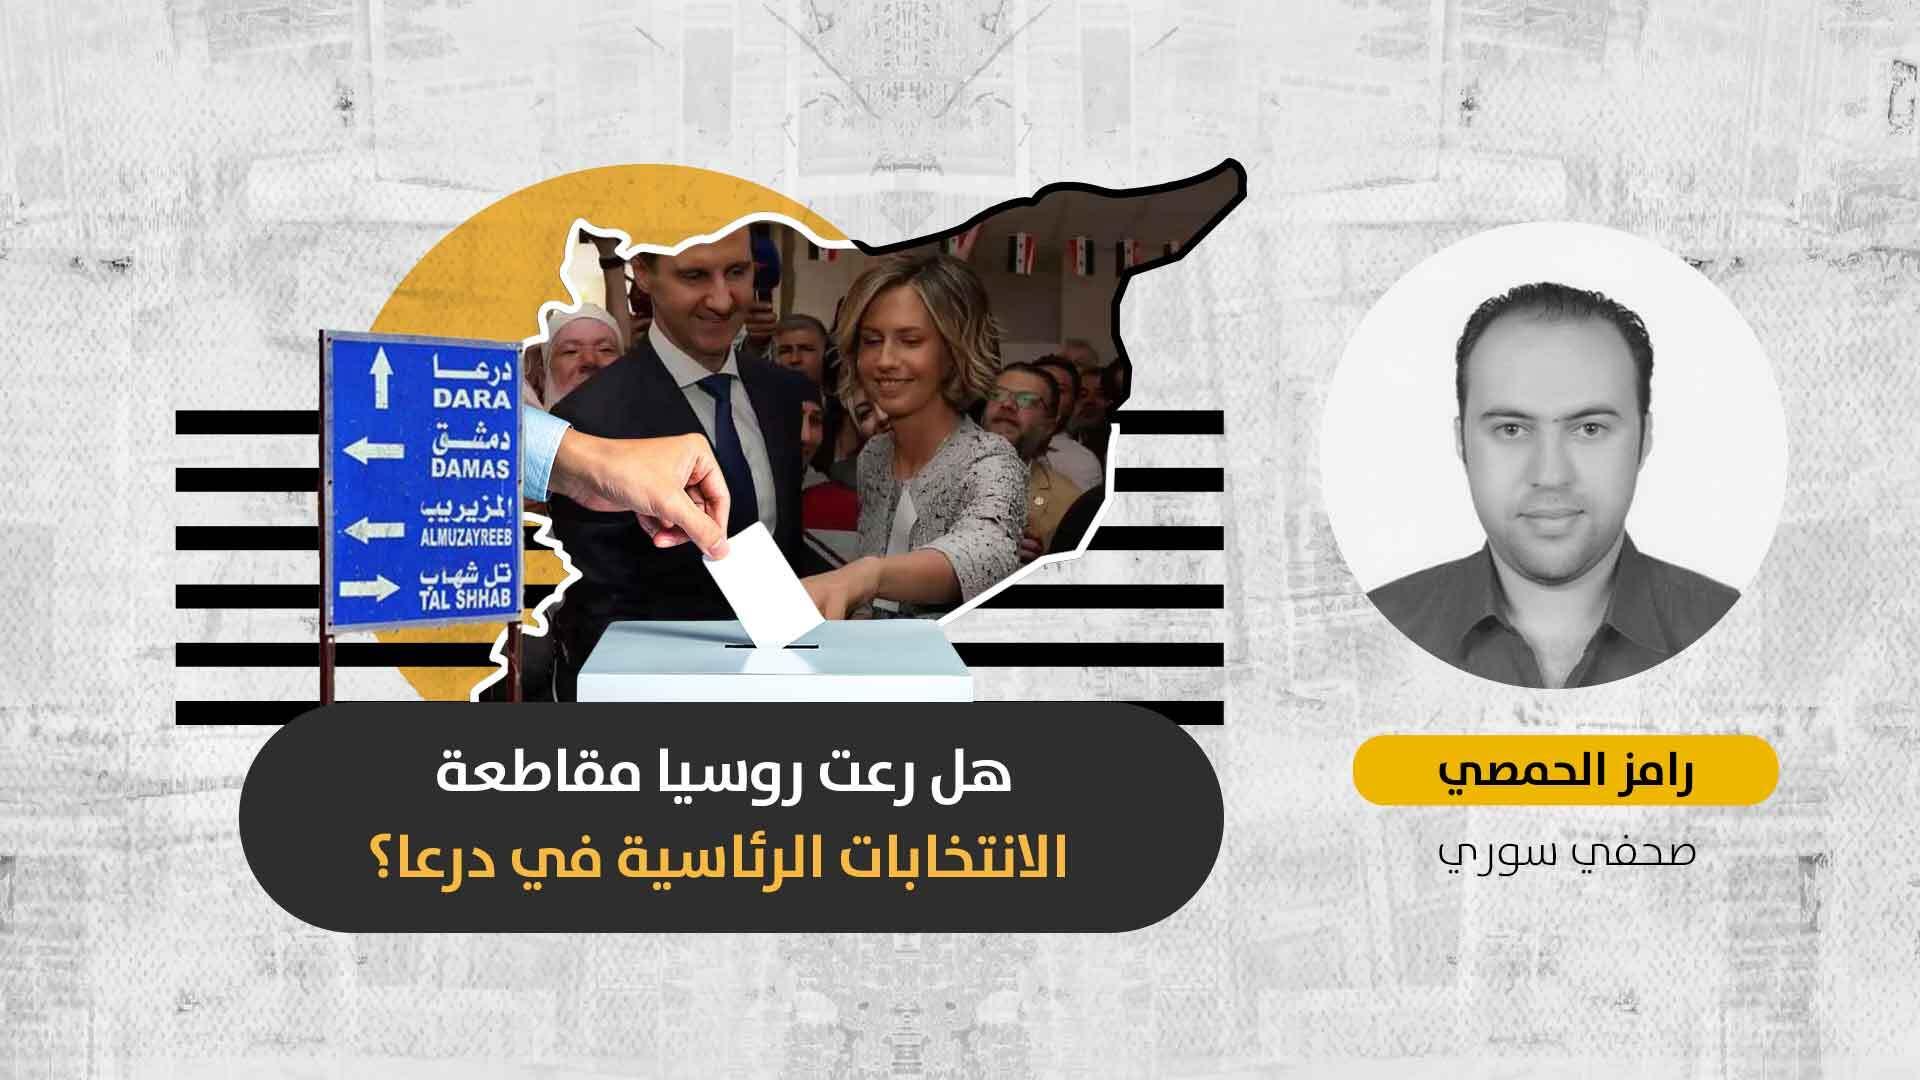 عضو في لجنة المفاوضات بدرعا لـ«الحل نت»: «مقاطعة الانتخابات في المحافظة كانت بالتنسيق مع الأجهزة الأمنية وروسيا»